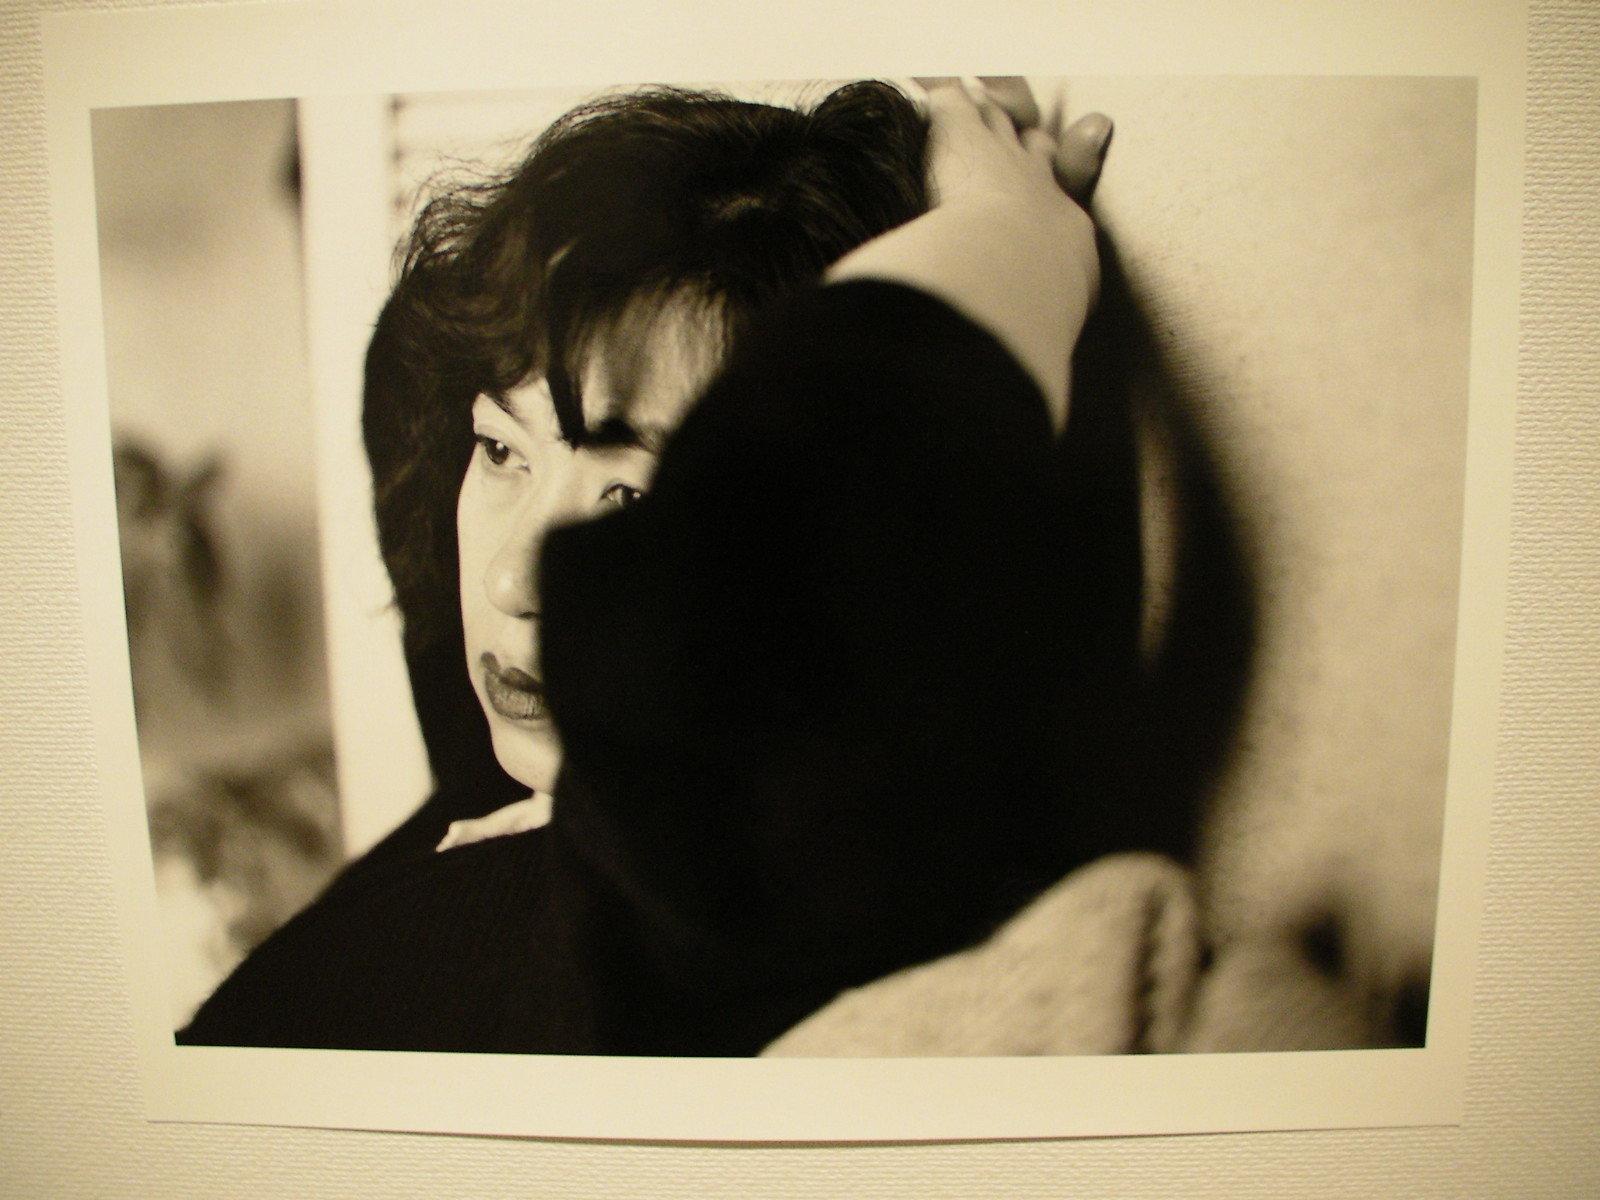 〈東京物語〉 1989年 より 「このなかで1点だけ選べって言われたらこれかな。彼女の孤独感がよく出てるいい写真だよな(荒木)」